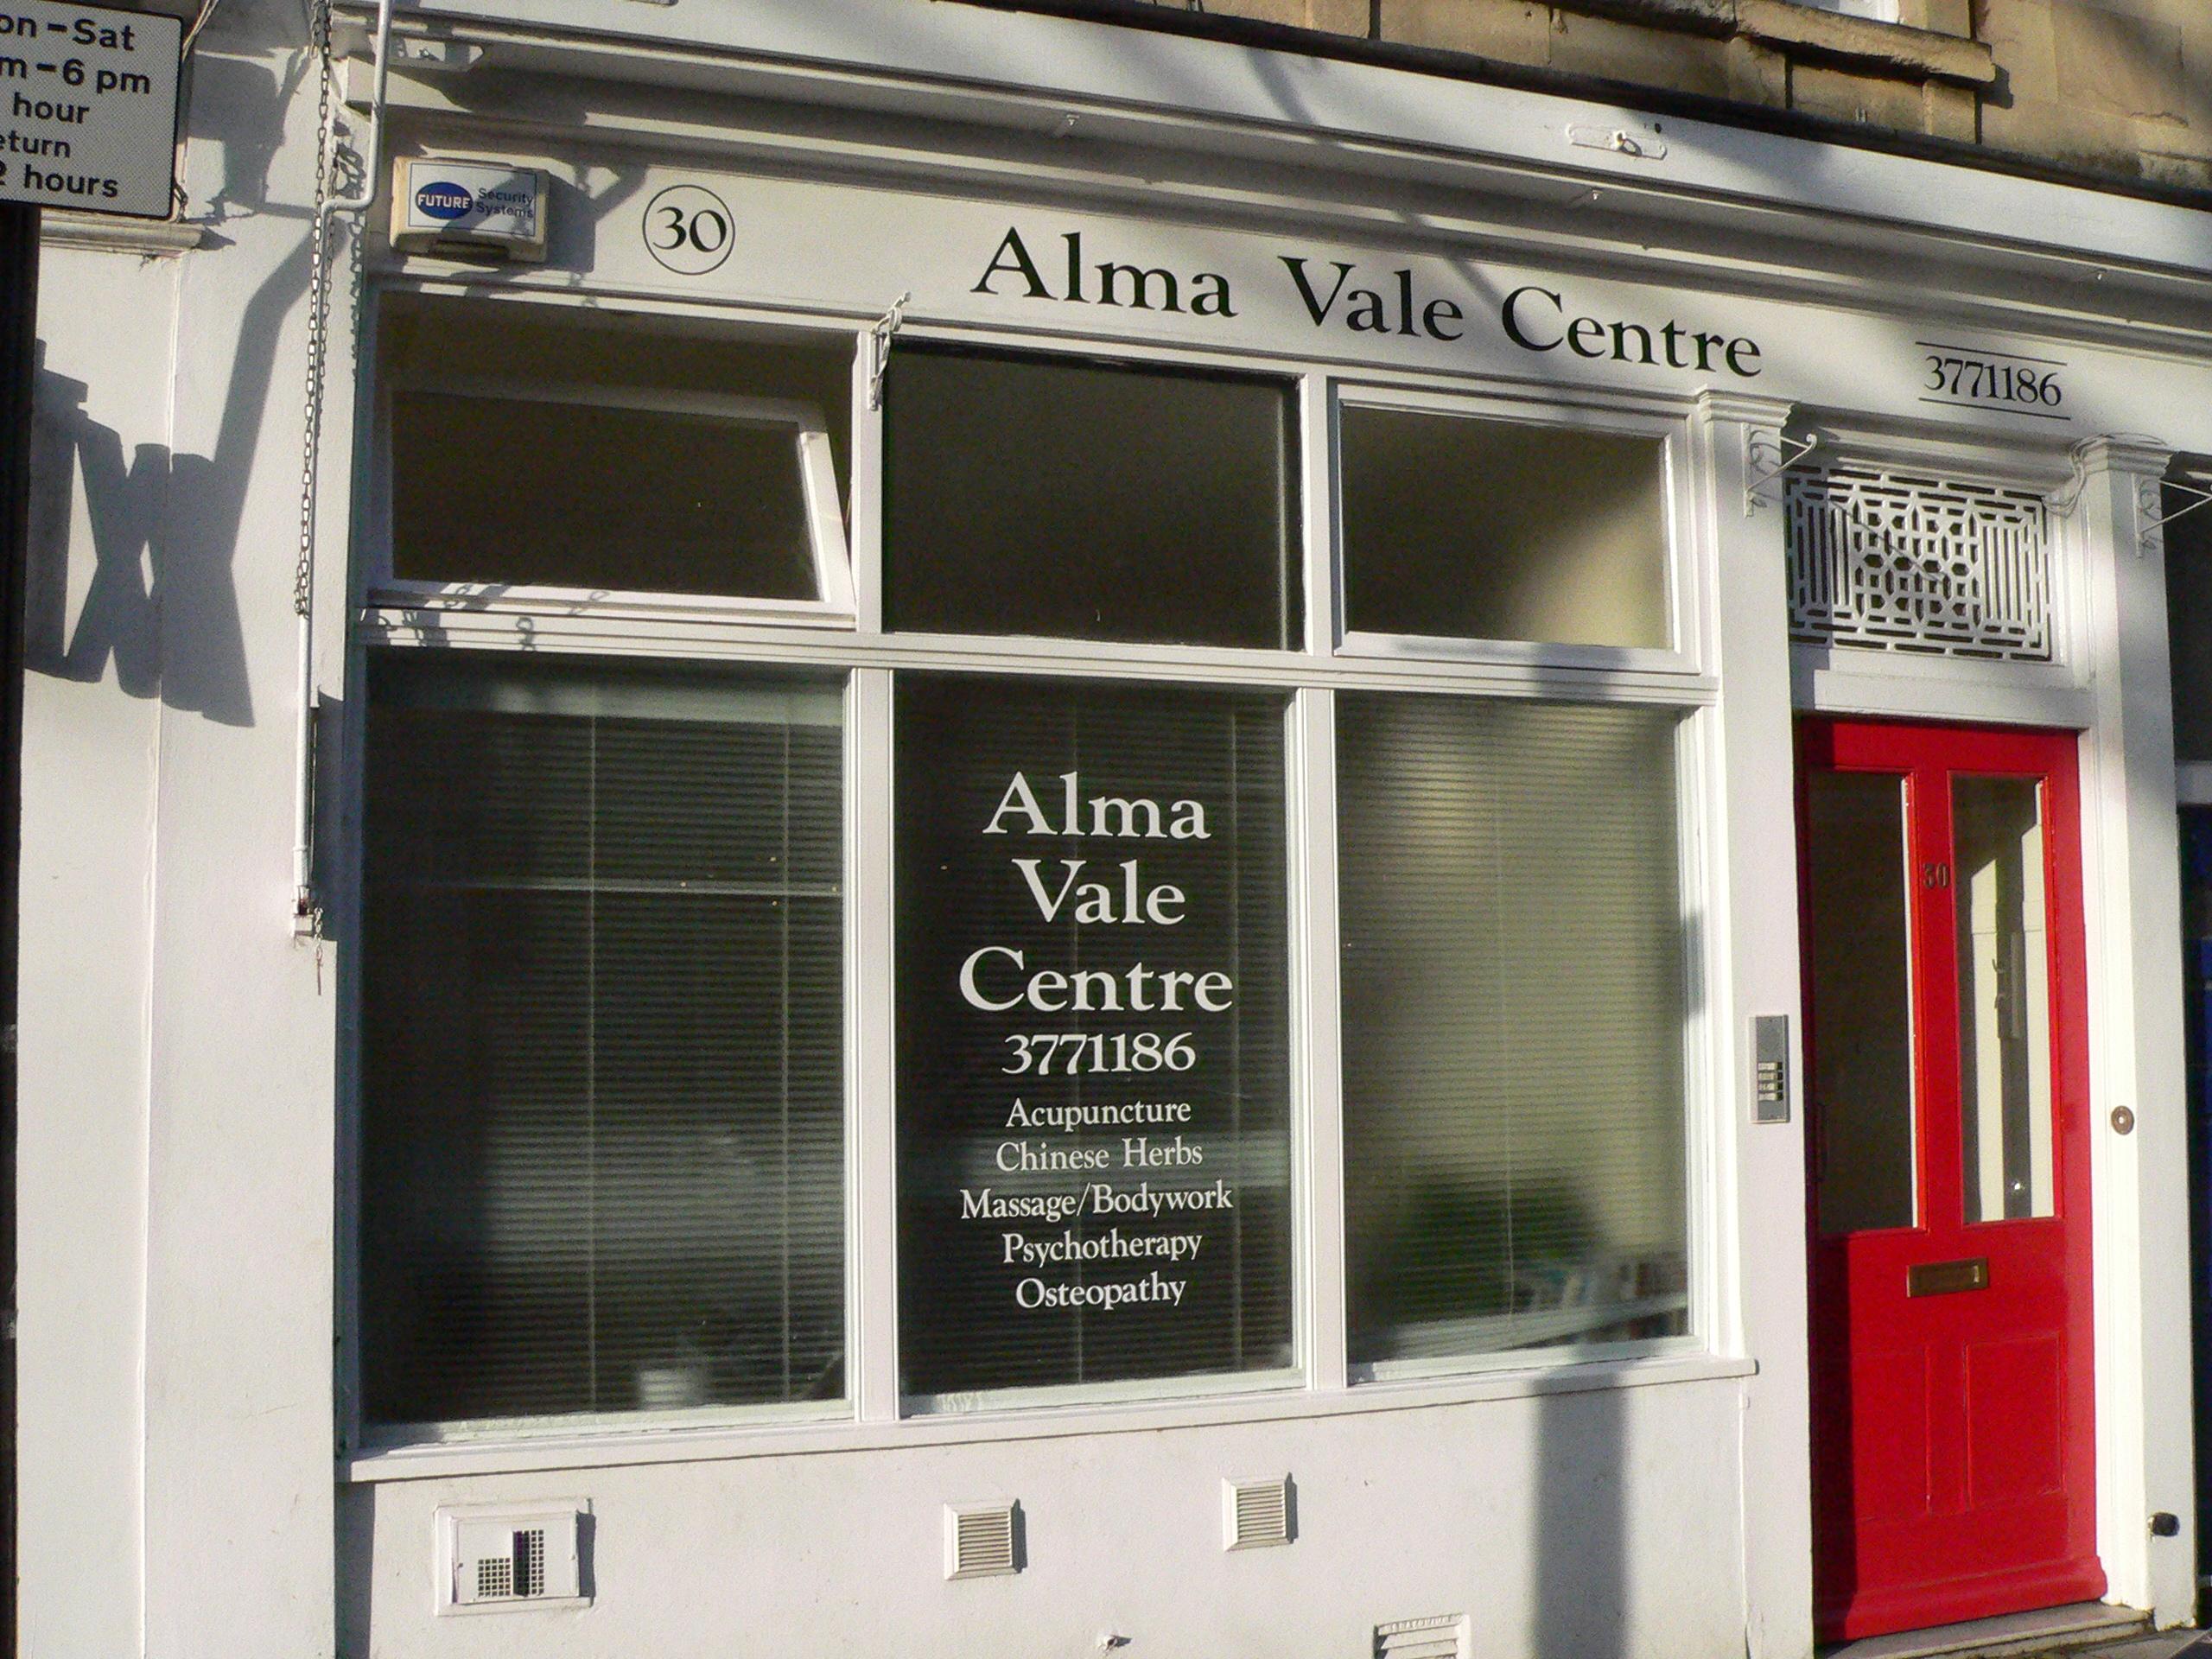 Alma Vale Centre